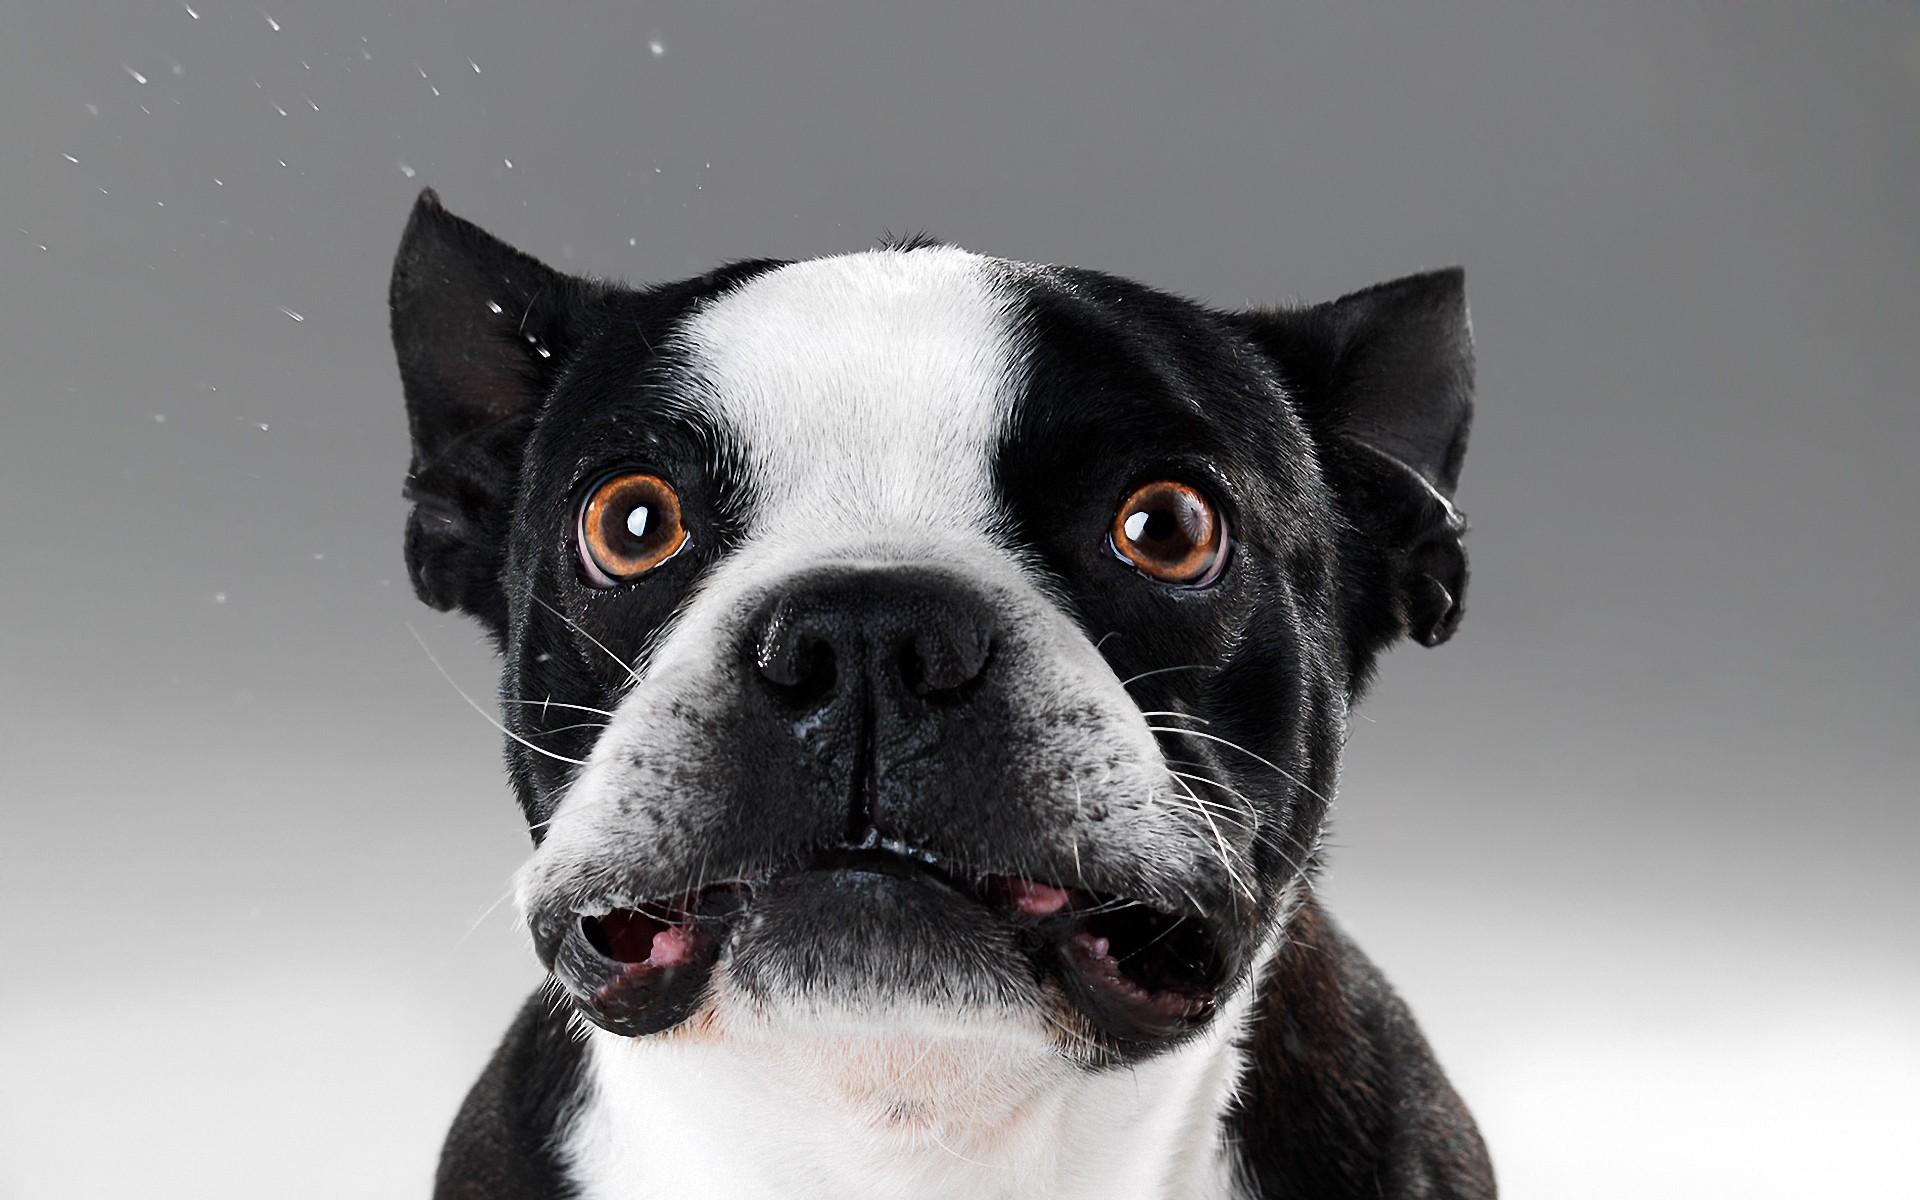 Caras de perros - 1920x1200